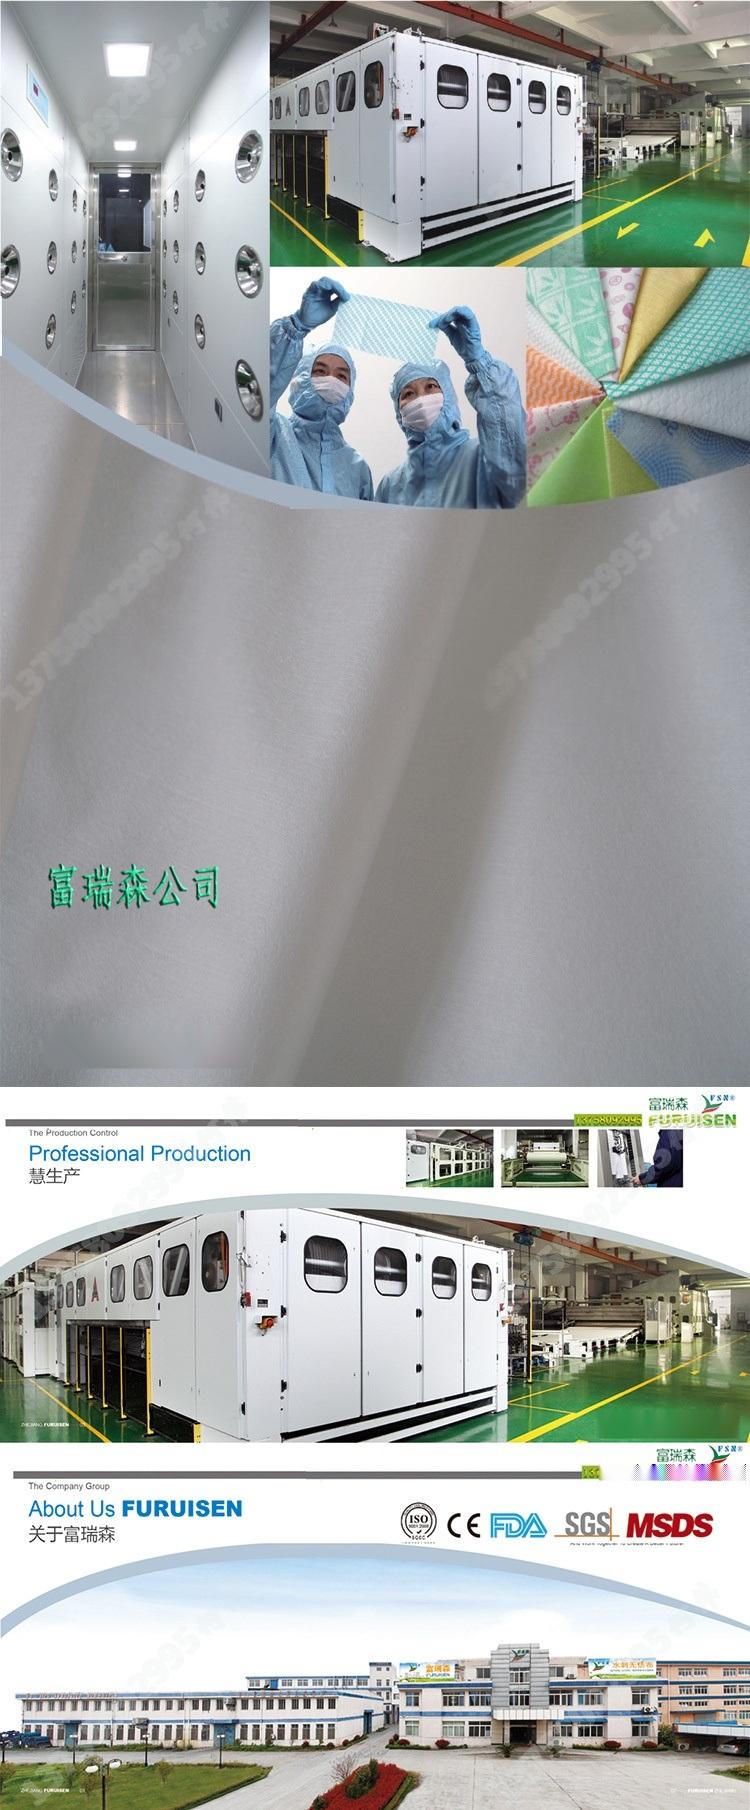 平紋產品詳細簡介底圖11(750寬度)